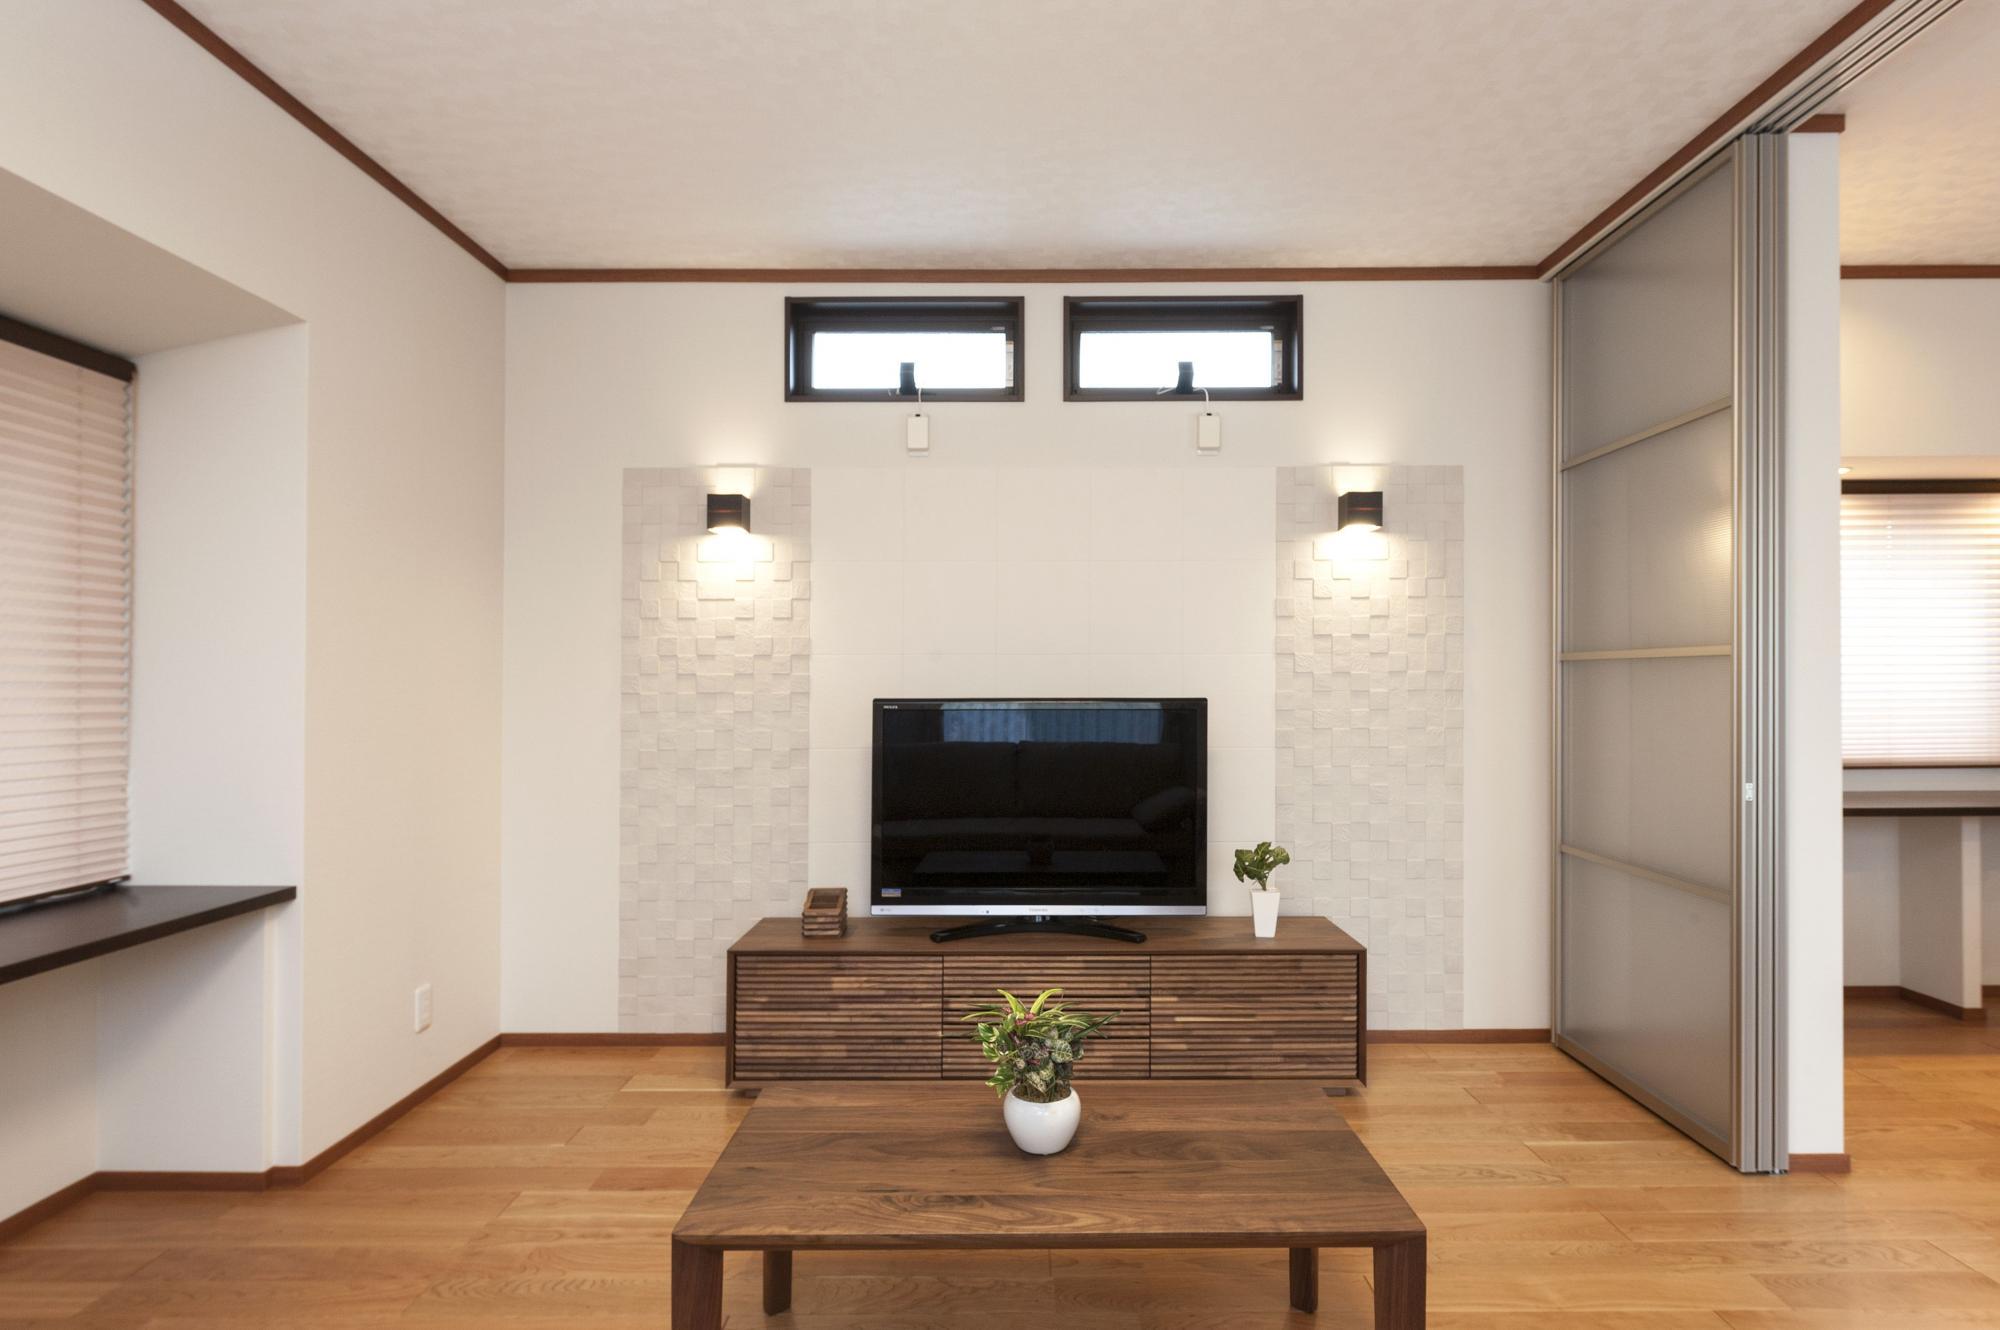 リビングのTVボードの背面壁には、部屋のアクセントになるエコカラットを。壁の上部には2連の窓を設け、通風と採光を確保した。 写真右のLDとの間に設置したパネルパーティションは当社オリジナル。上吊り式で床にレールがないので開けたときすっきりとして美しい。